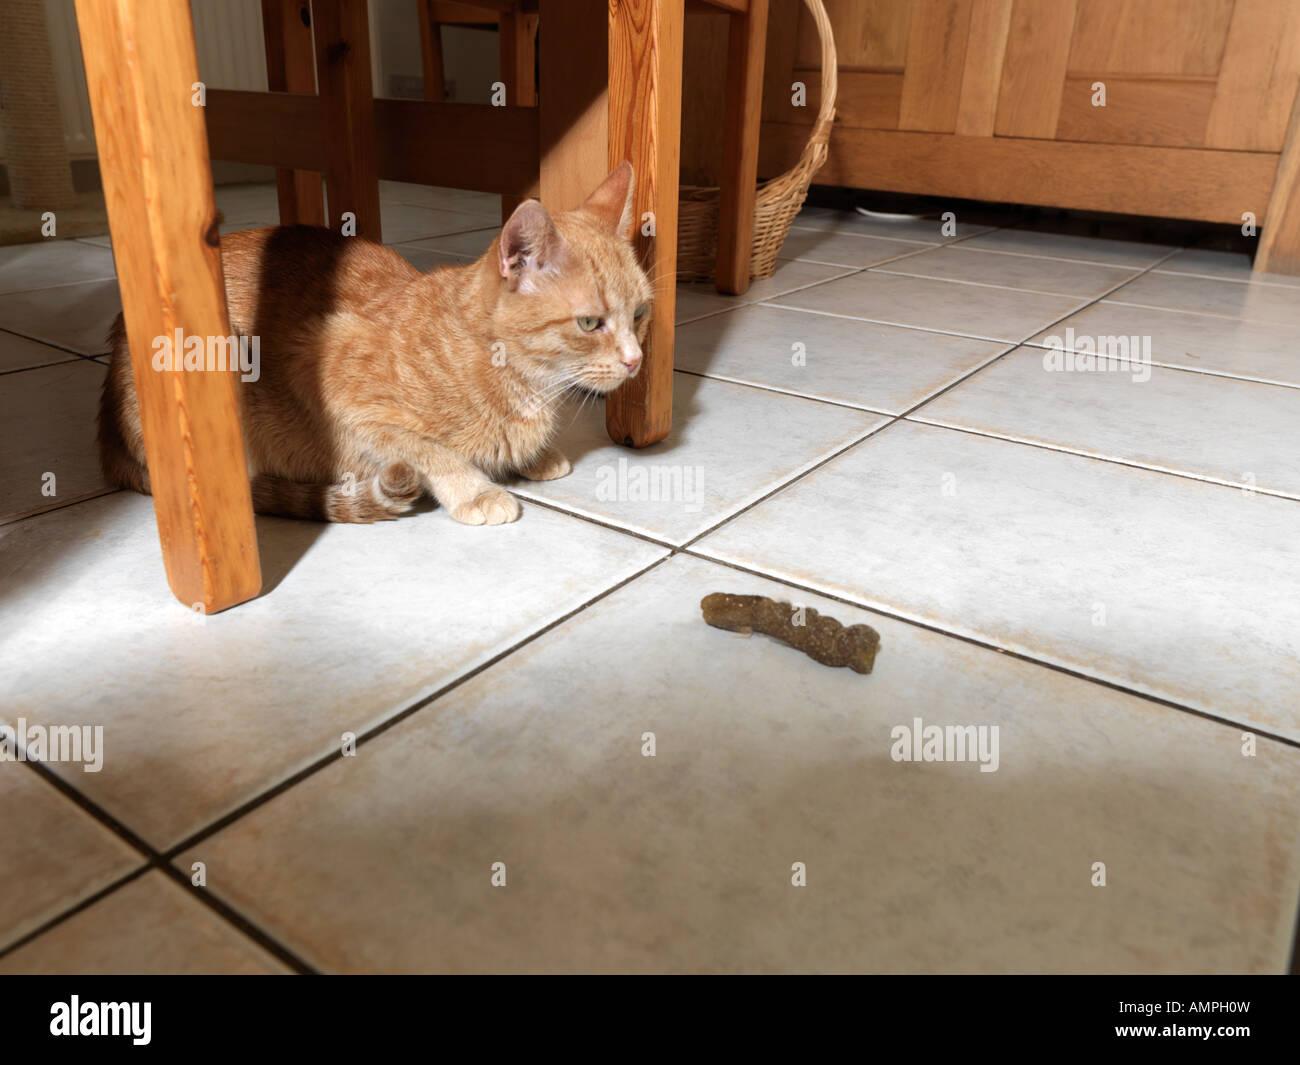 B 51088 Cat imbarazzato dalla casa di imbrattamento Immagini Stock